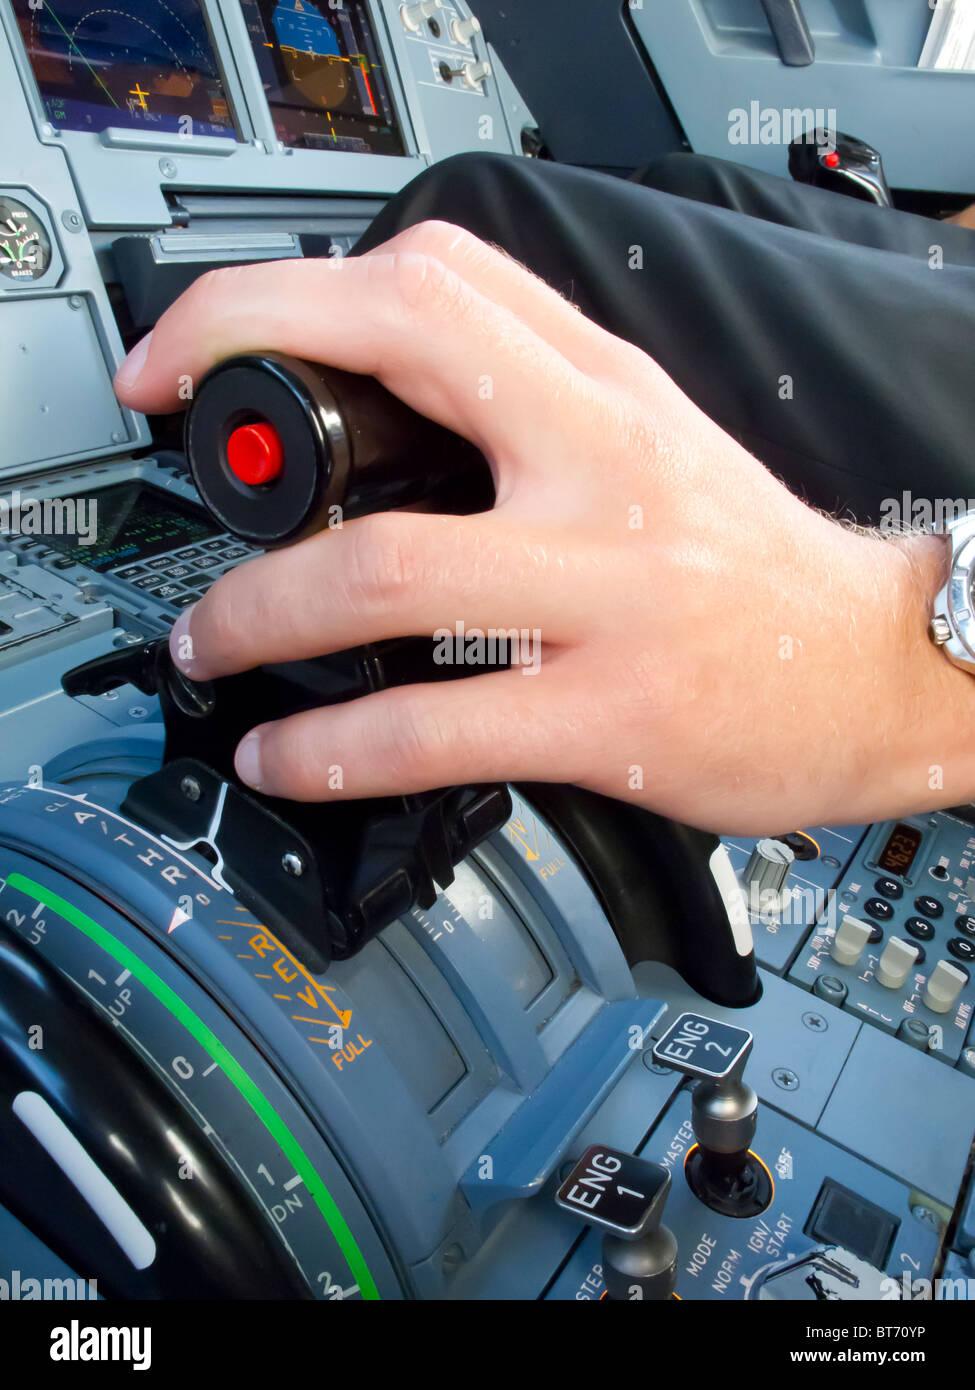 Thrust lever - Airbus - Stock Image